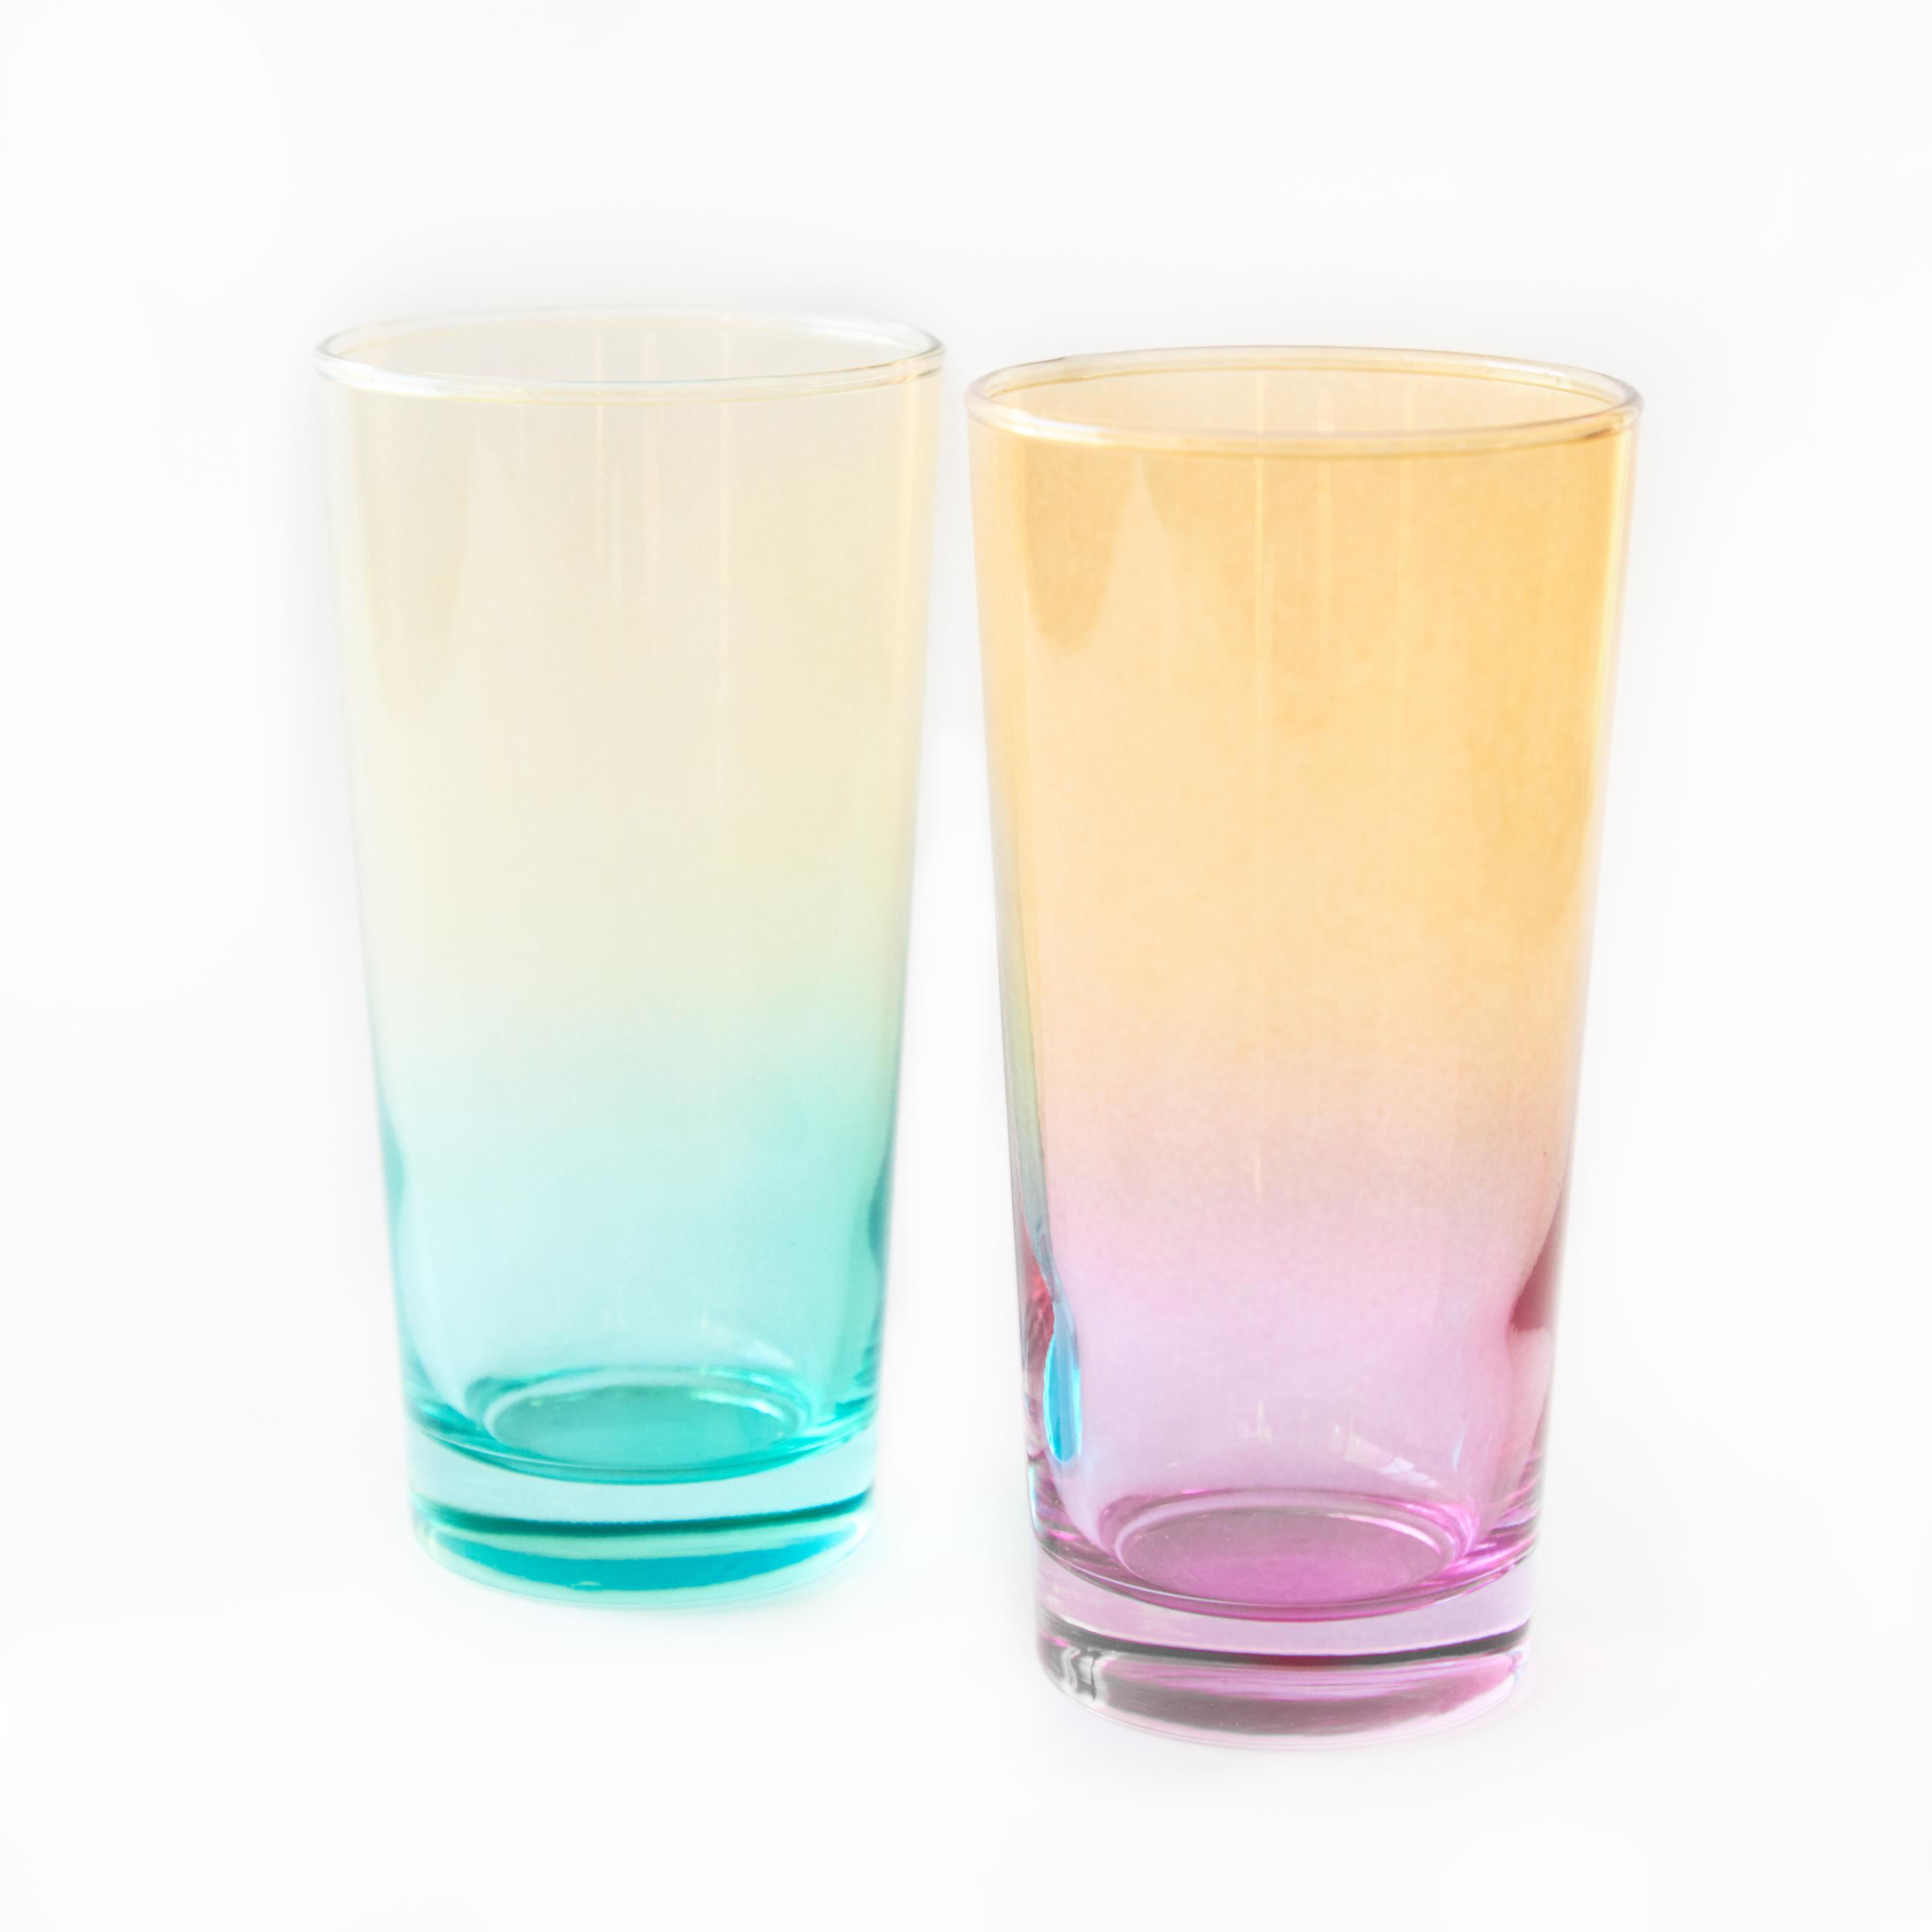 ガラスに色を塗ることができる塗料